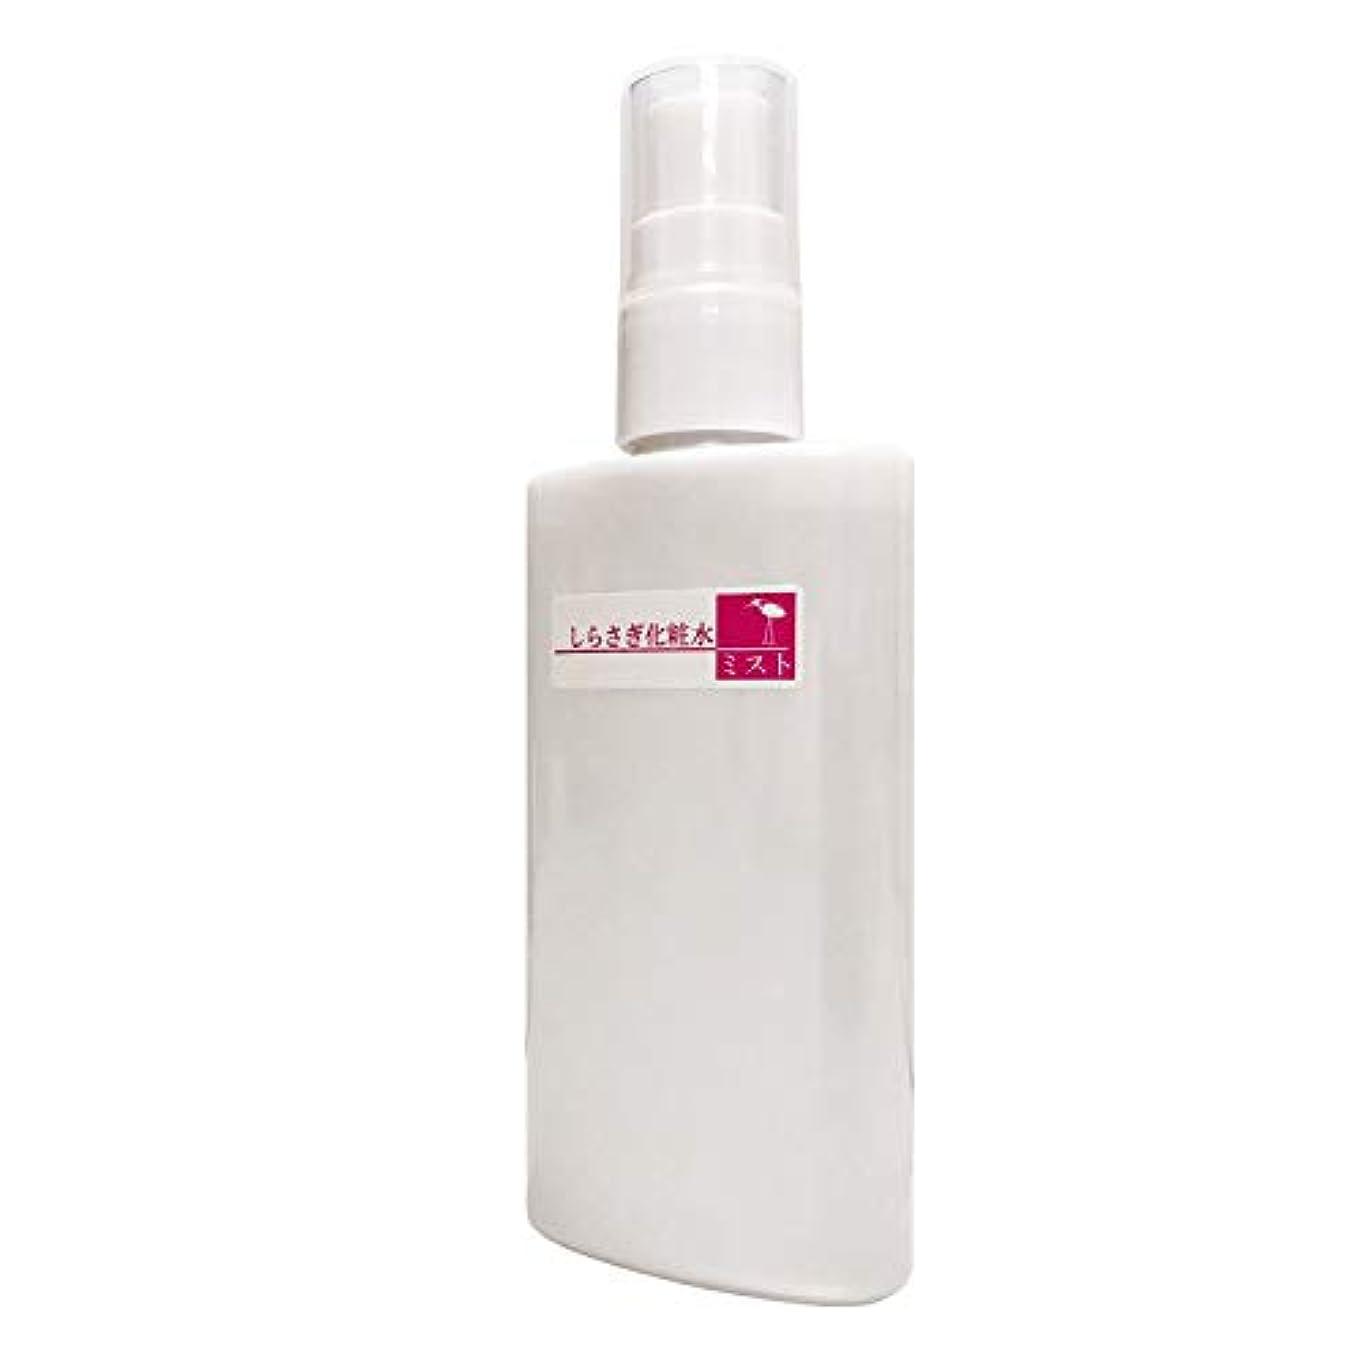 あらゆる種類のまだら名目上のしらさぎ化粧品 しらさぎ化粧水ミスト 無香料